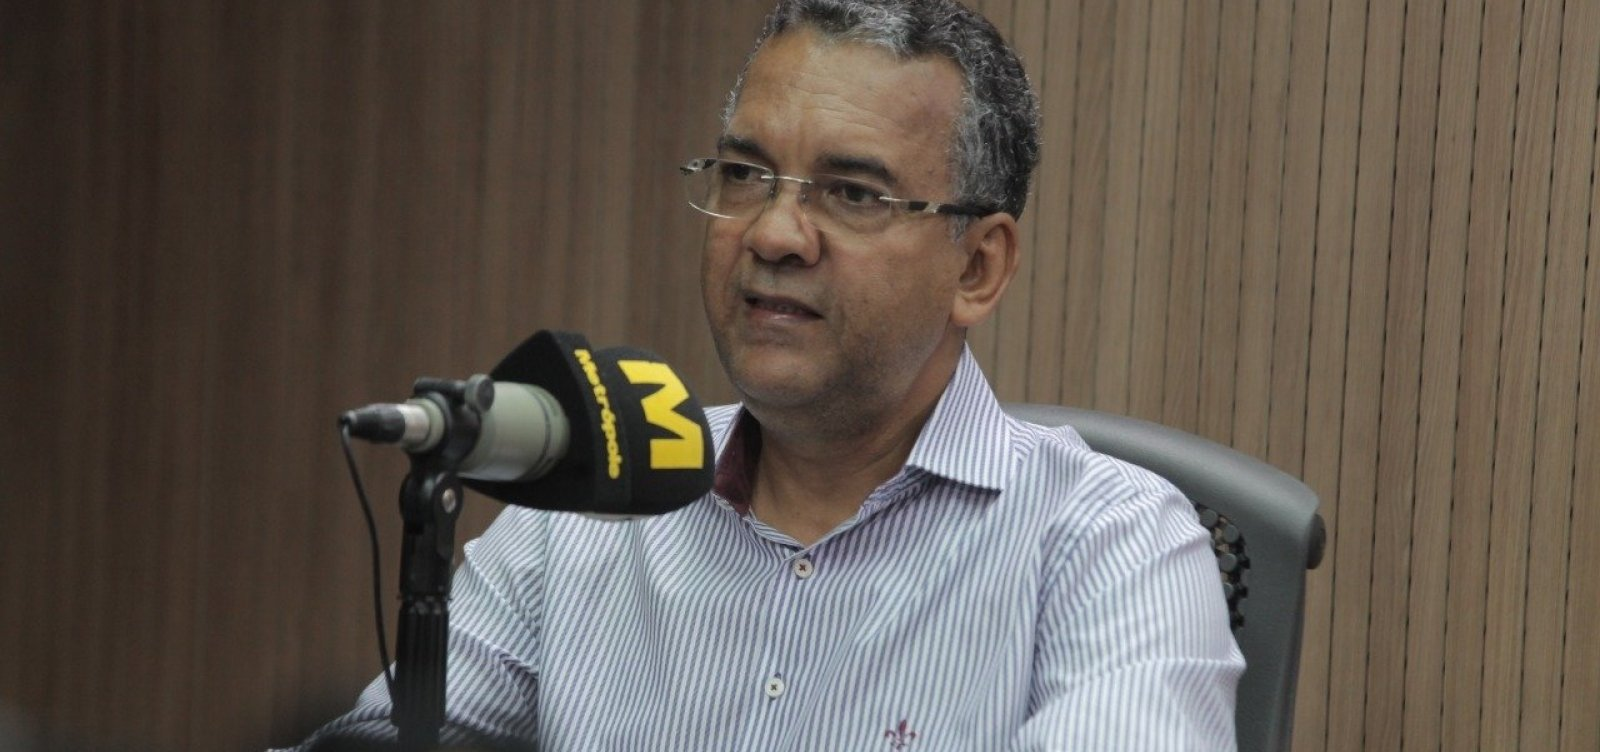 [Justificativa da Embasa sobre falta de água em Boipeba 'não é plausível', diz prefeito de Cairu]